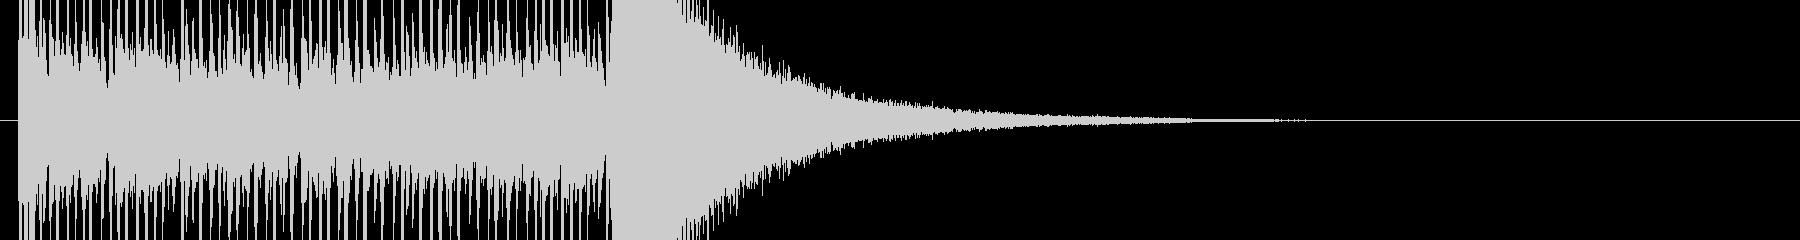 正解発表前のドラムロールの未再生の波形